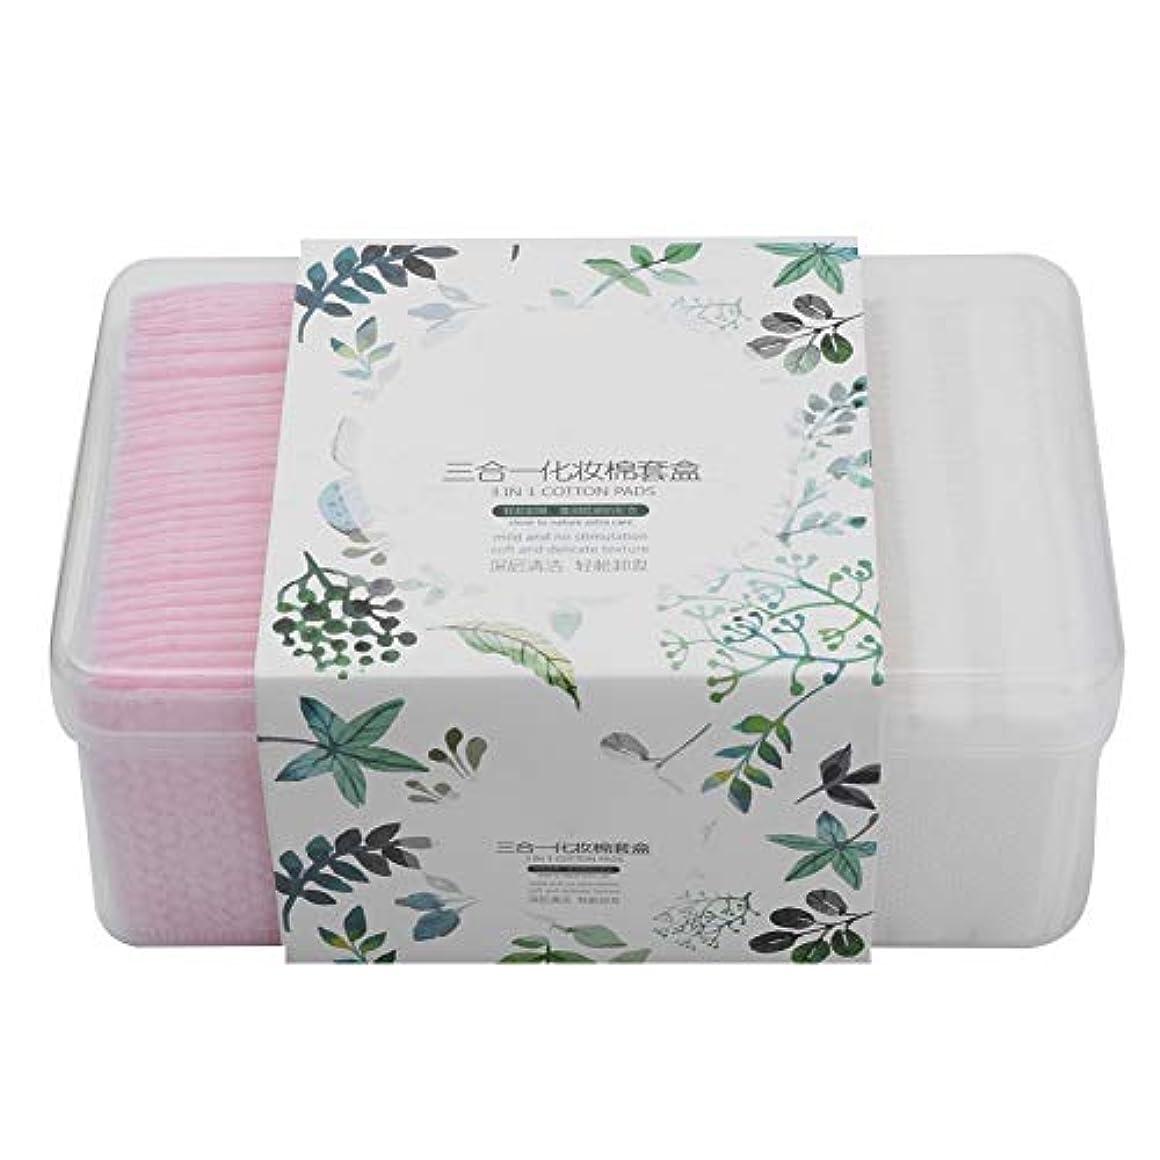 敬礼体細胞言及する280Pcs /箱の構造の綿パッド、スキンケアの構造の除去剤のための顔の清潔になる綿および他の事は拭きます